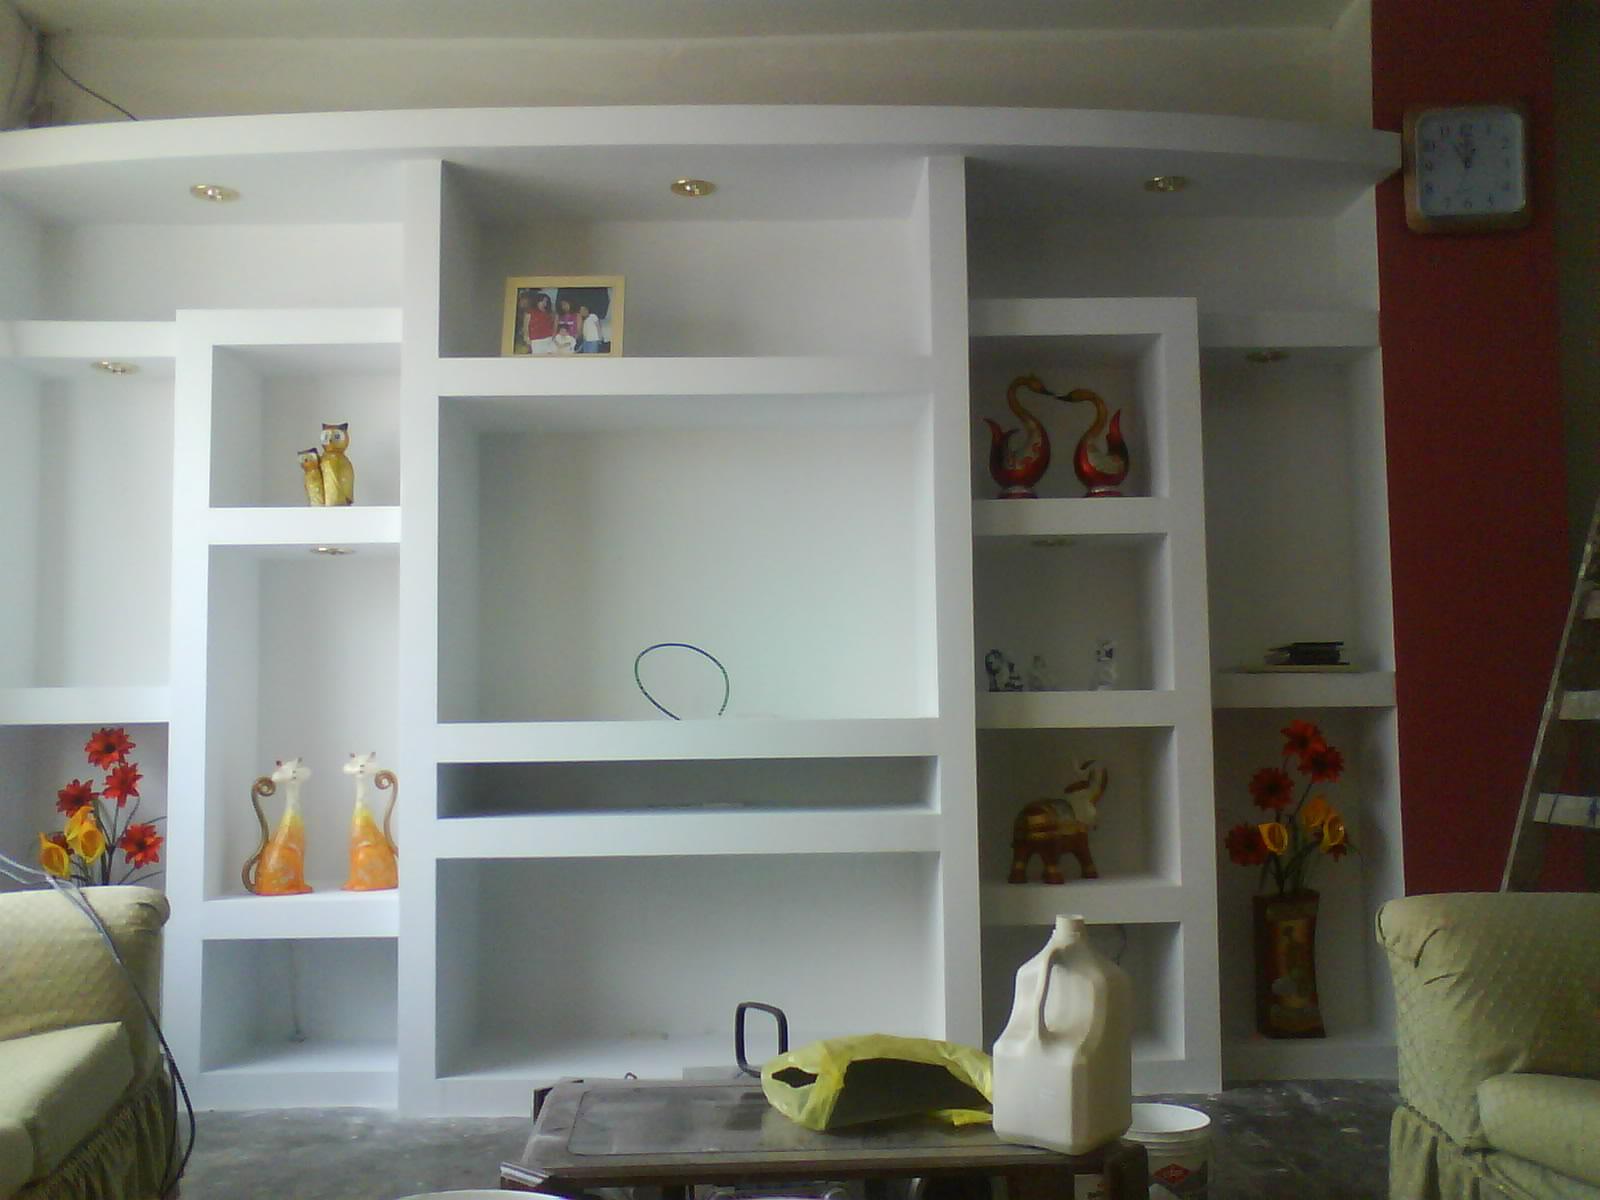 Sistema drywall muebles de television - Muebles de tv para dormitorios ...